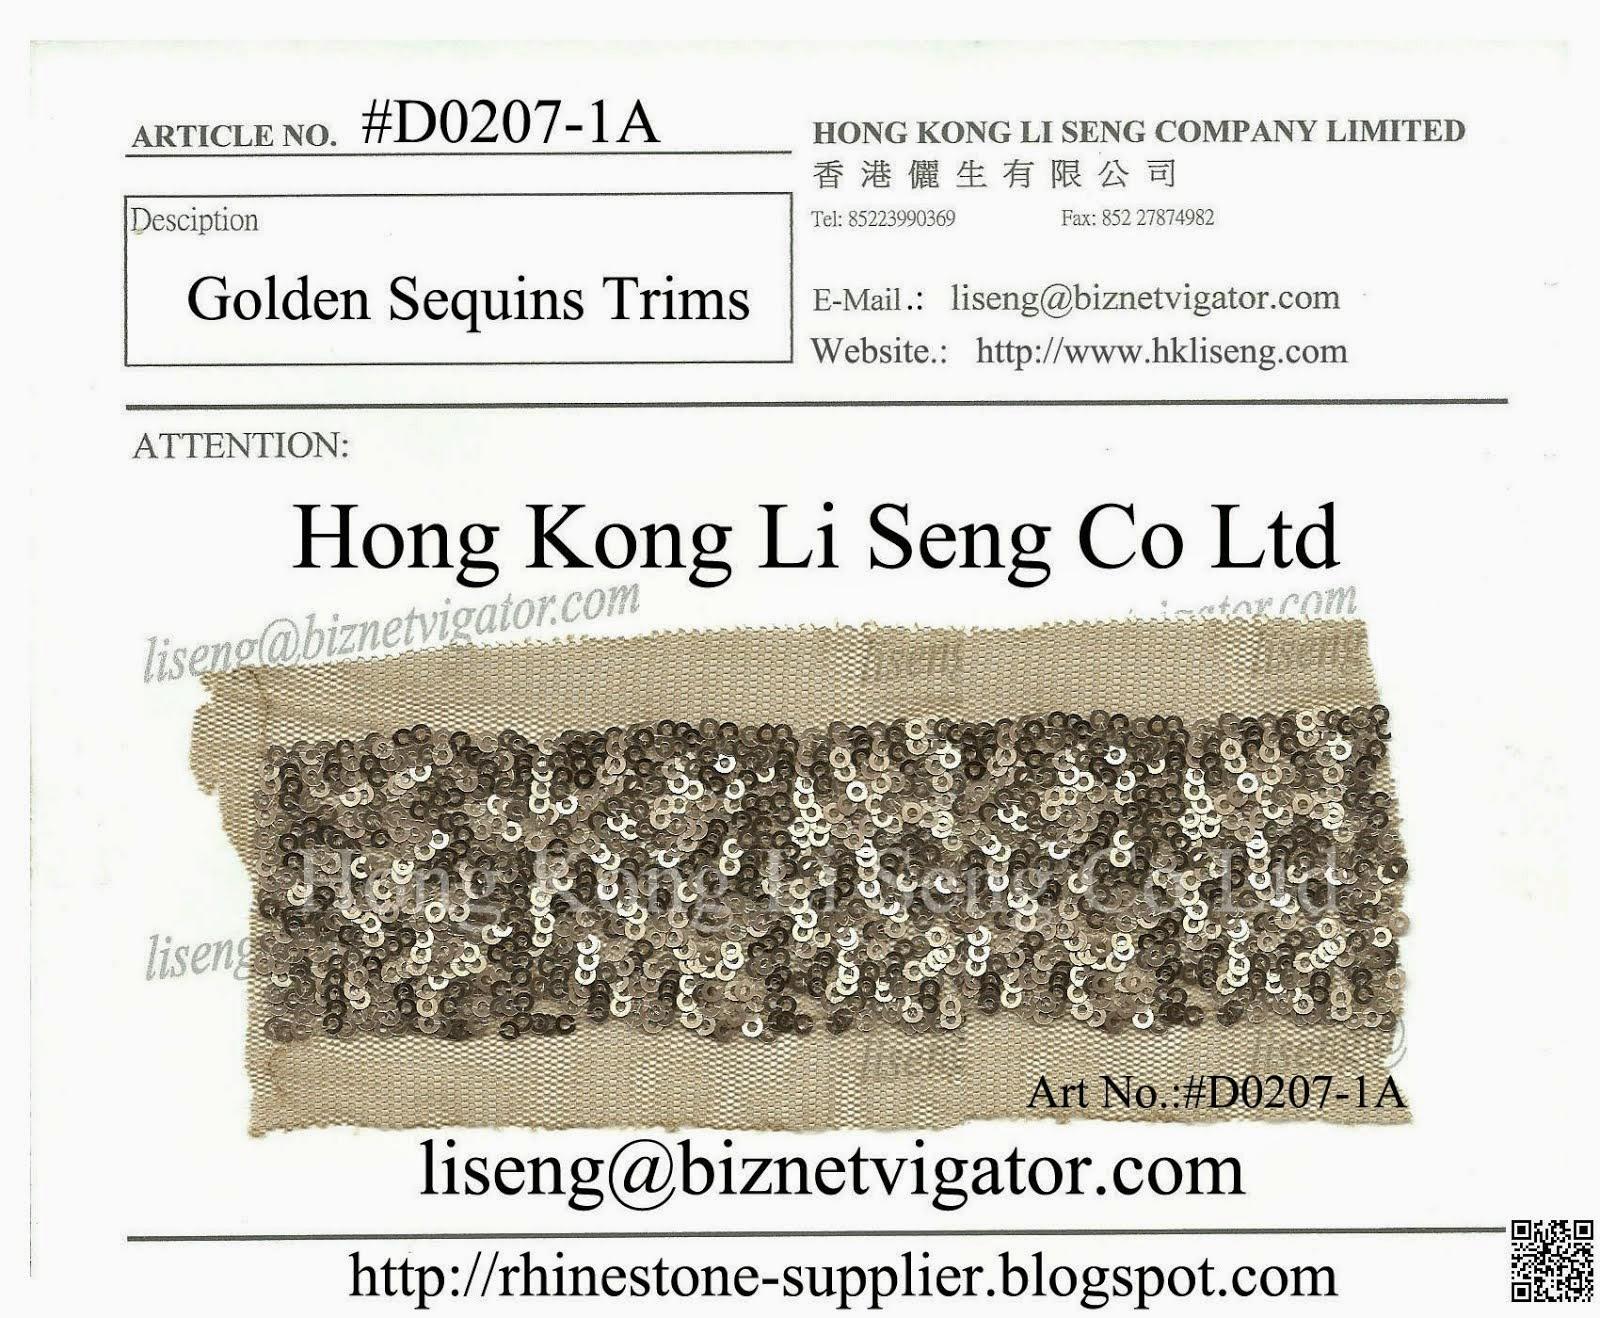 Golden Sequins Trims Manufacturer - Hong Kong Li Seng Co Ltd